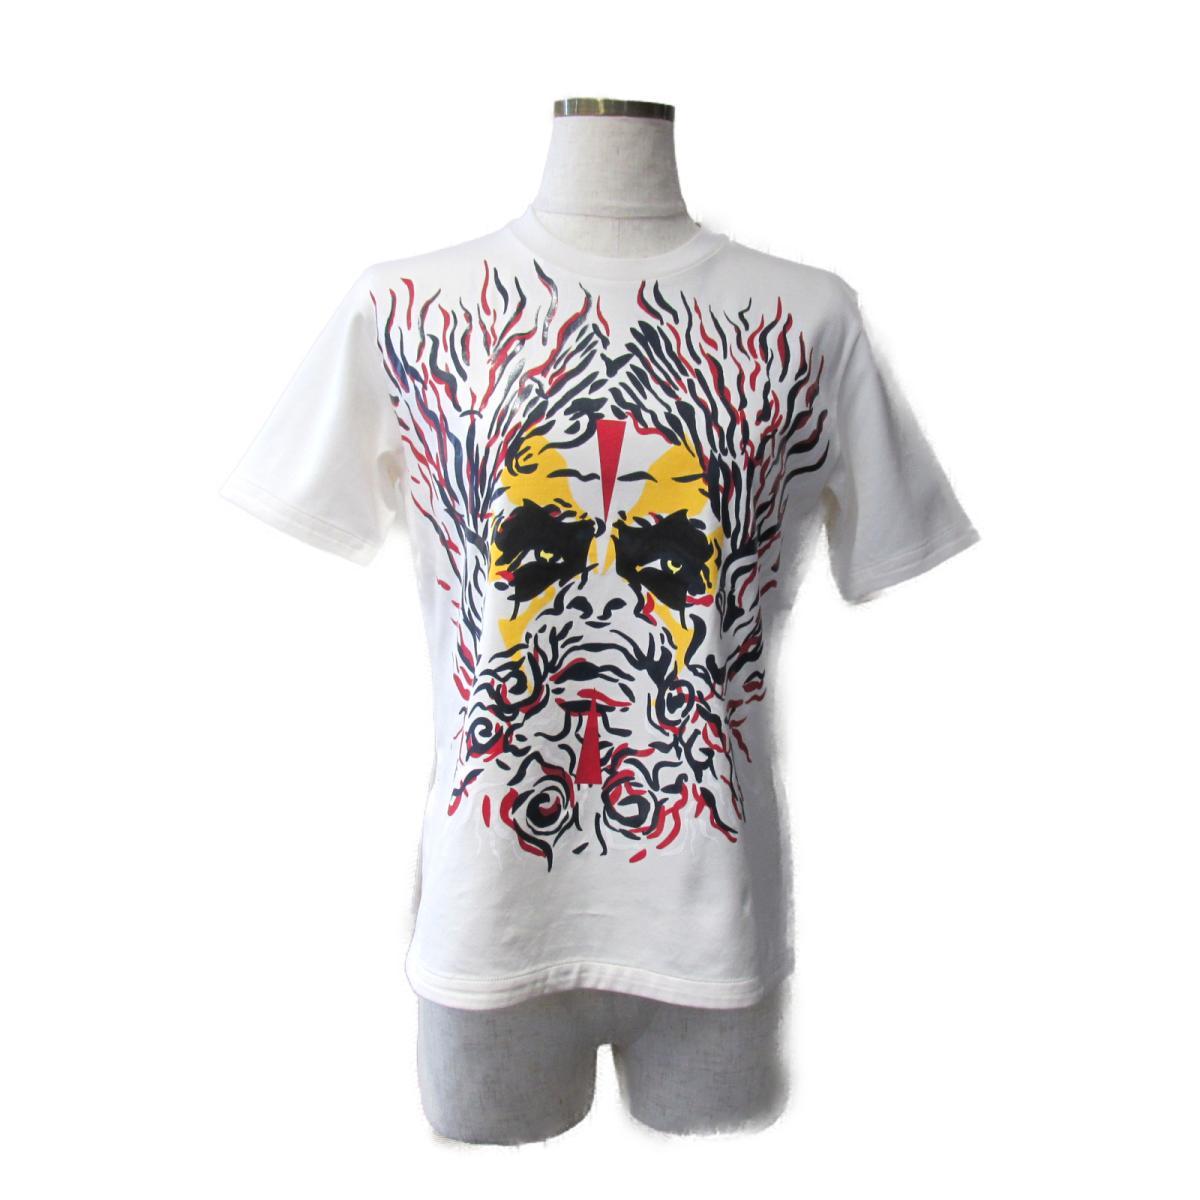 【中古】 ルイヴィトン Tシャツ レディース コットン ホワイト x レッド ブラック イエロー | LOUIS VUITTON BRANDOFF ブランドオフ ヴィトン ビトン ルイ・ヴィトン 衣料品 衣類 ブランド トップス シャツ カットソー